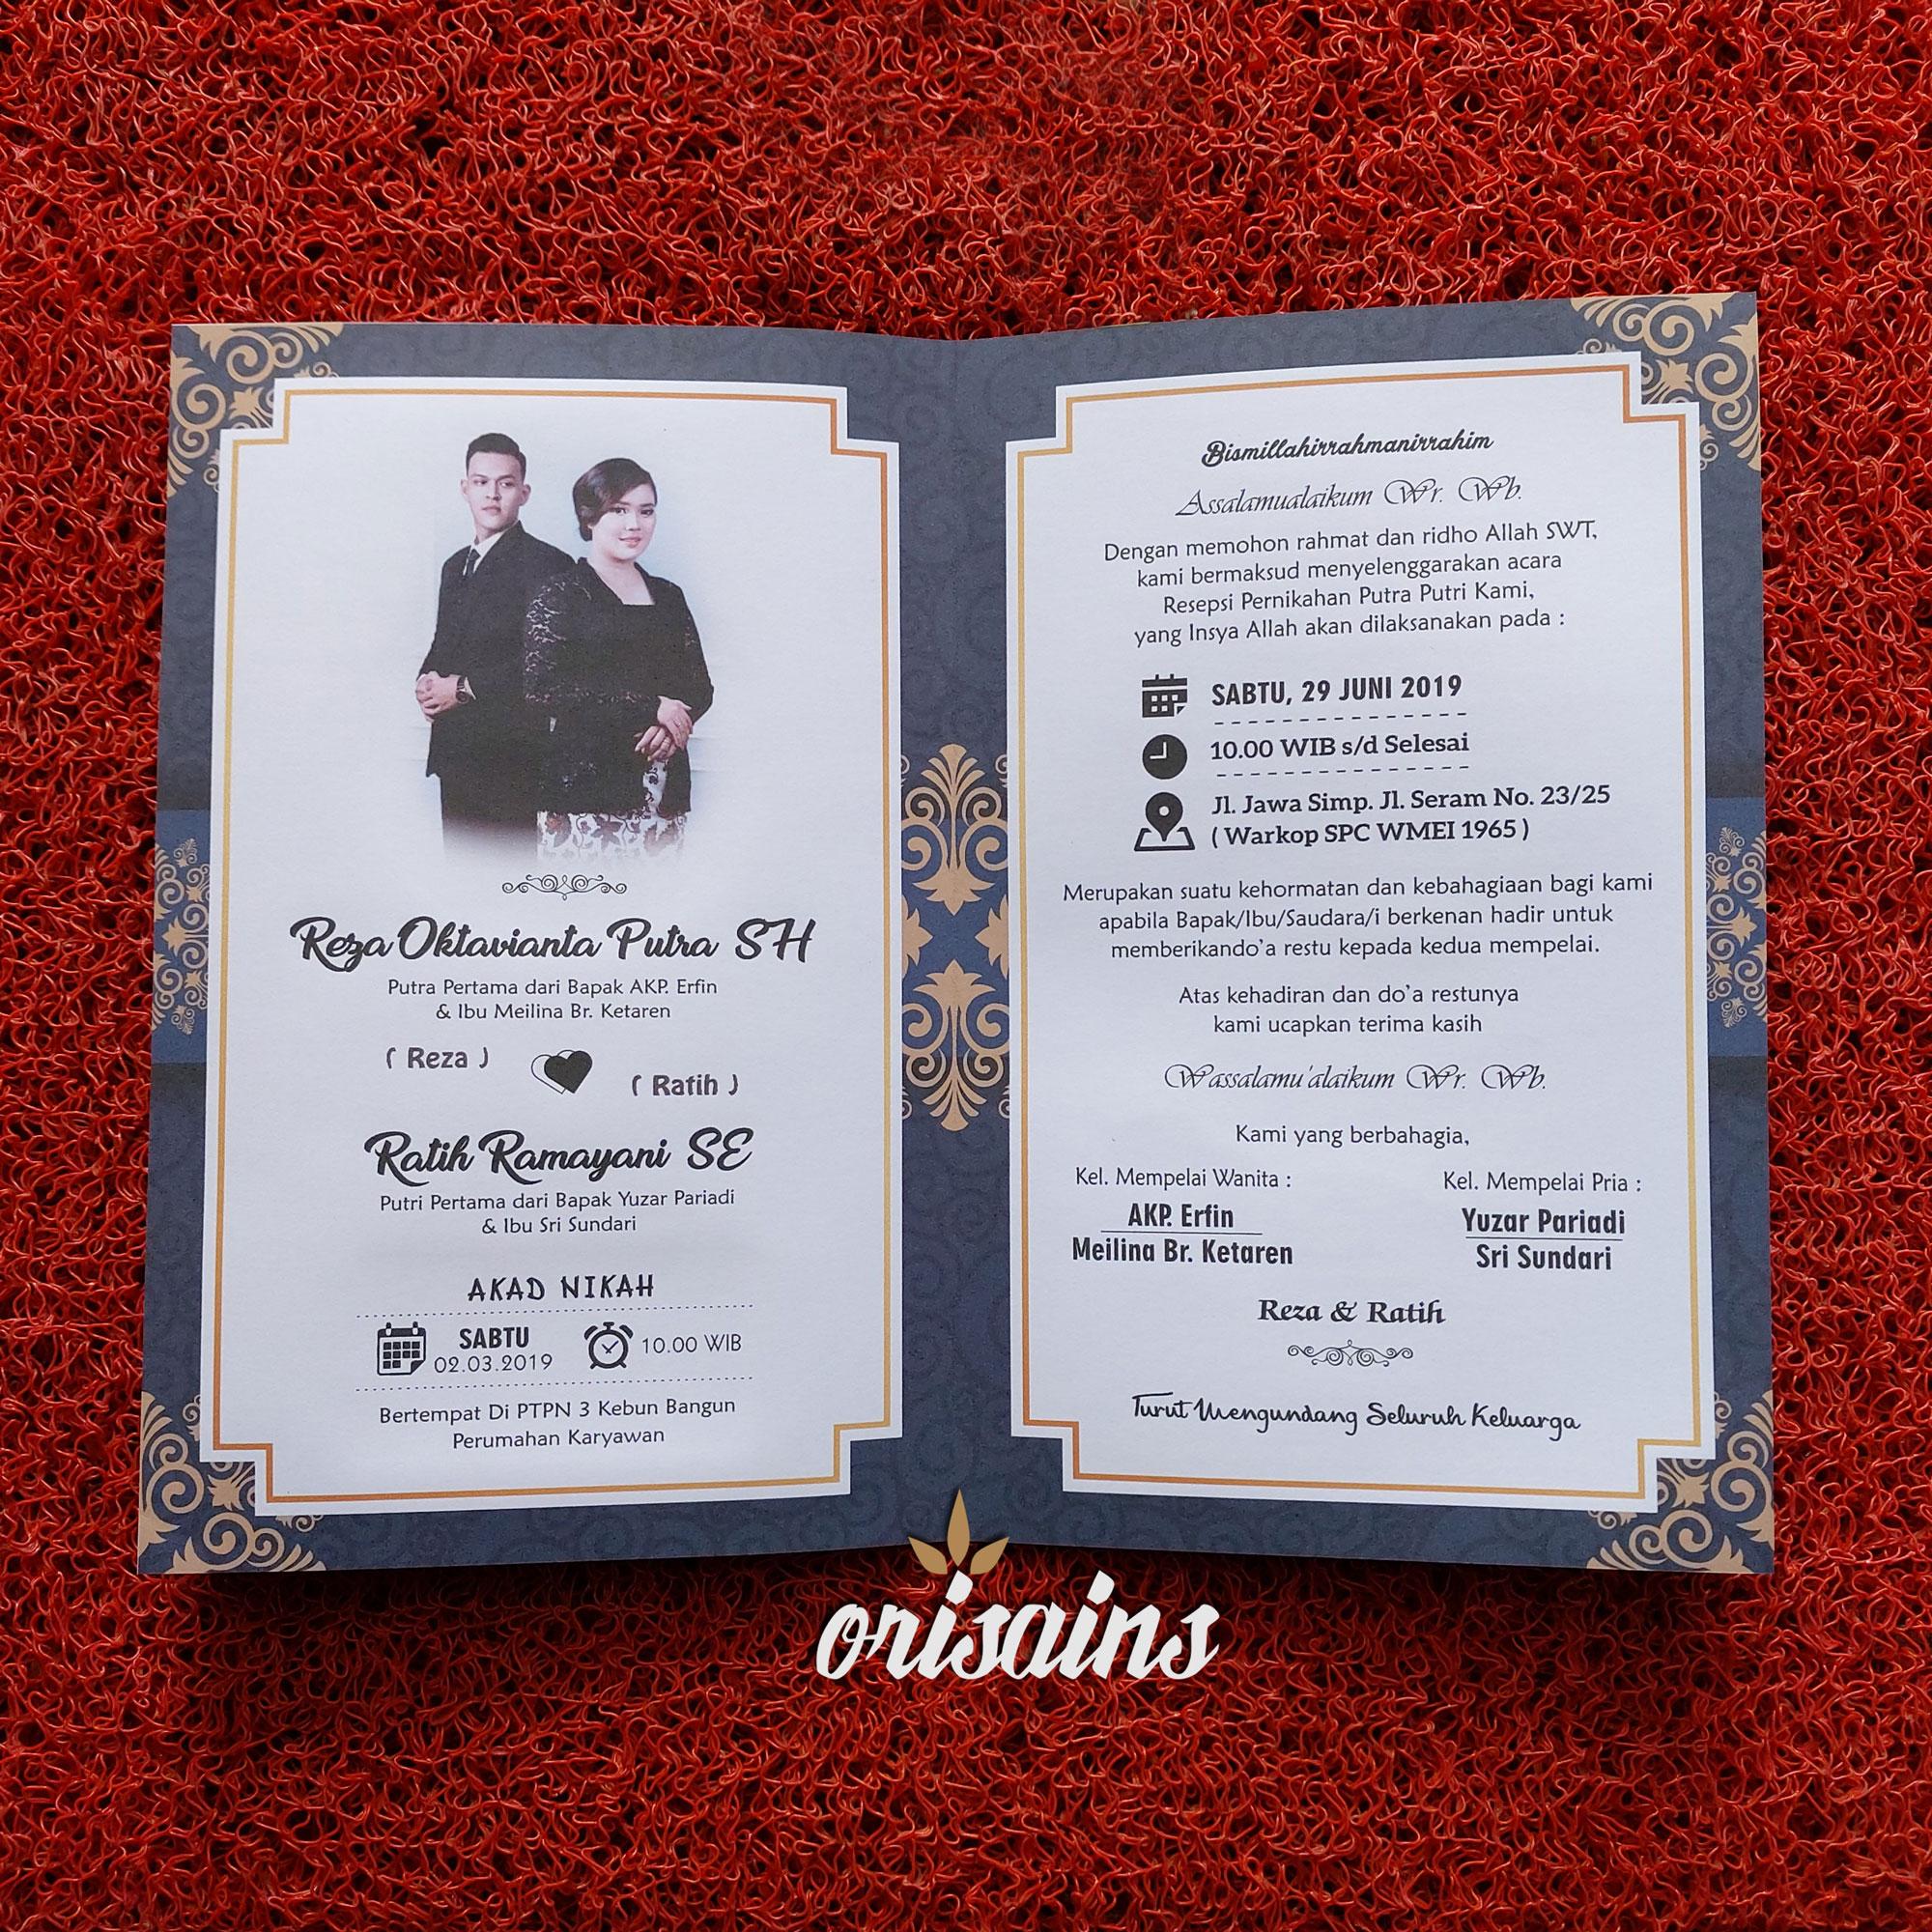 [100 LEMBAR] Undangan Pernikahan Murah Hitam Elegan Bisa Pakai Foto Prewedding Dijamin Murah Kualitas Bagus